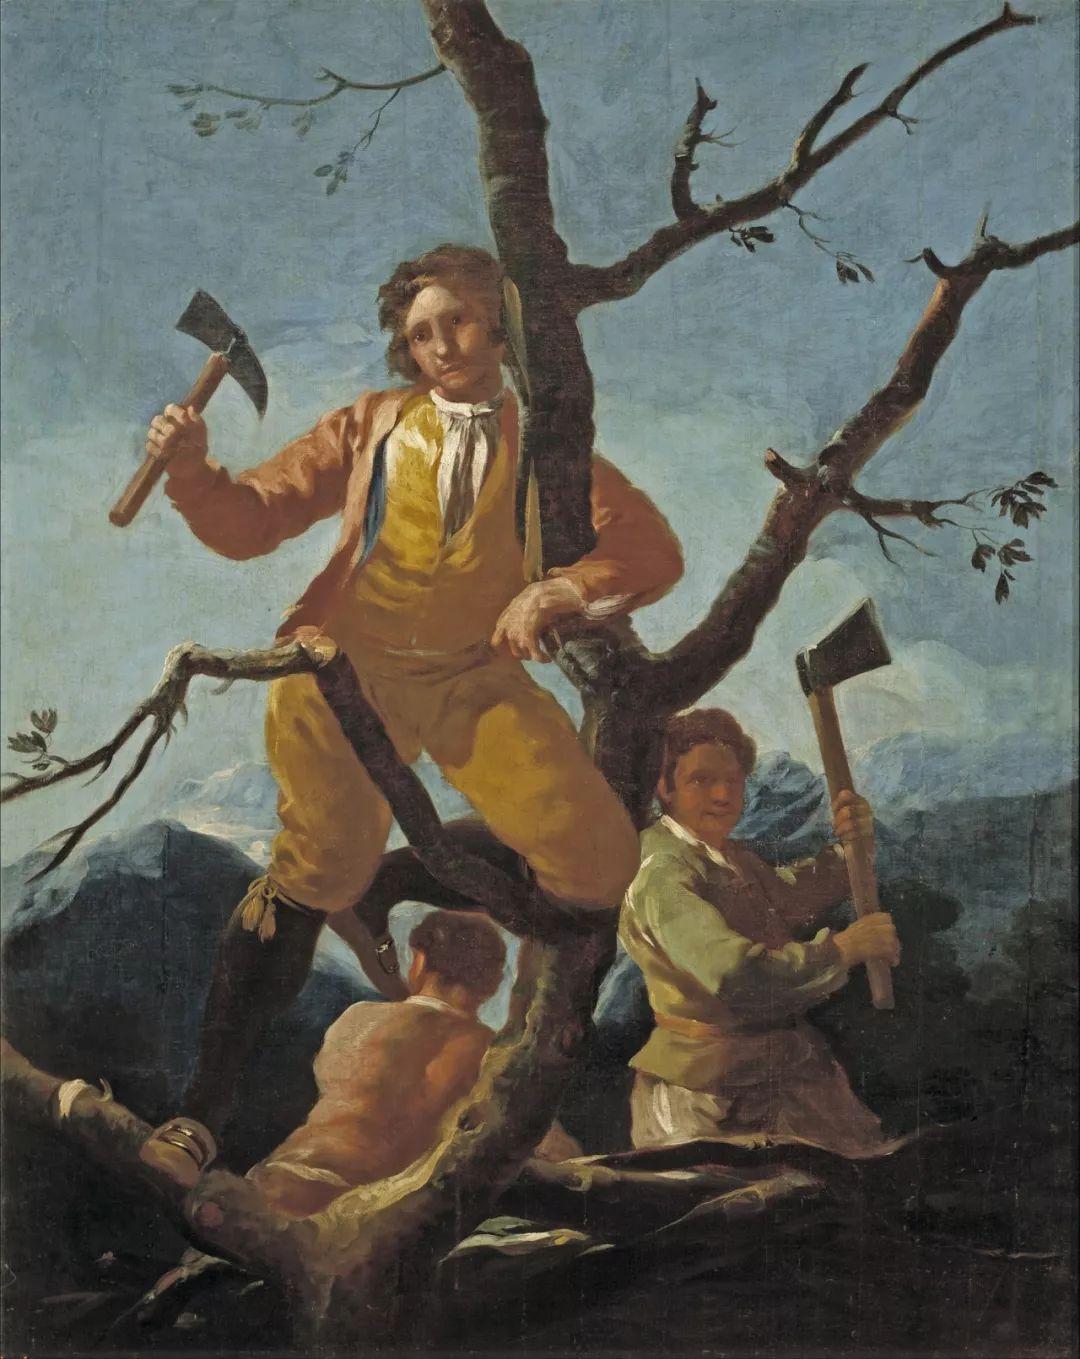 画风奇异的天才戈雅,画作震撼,他被称为浪漫主义最后的大师!插图95